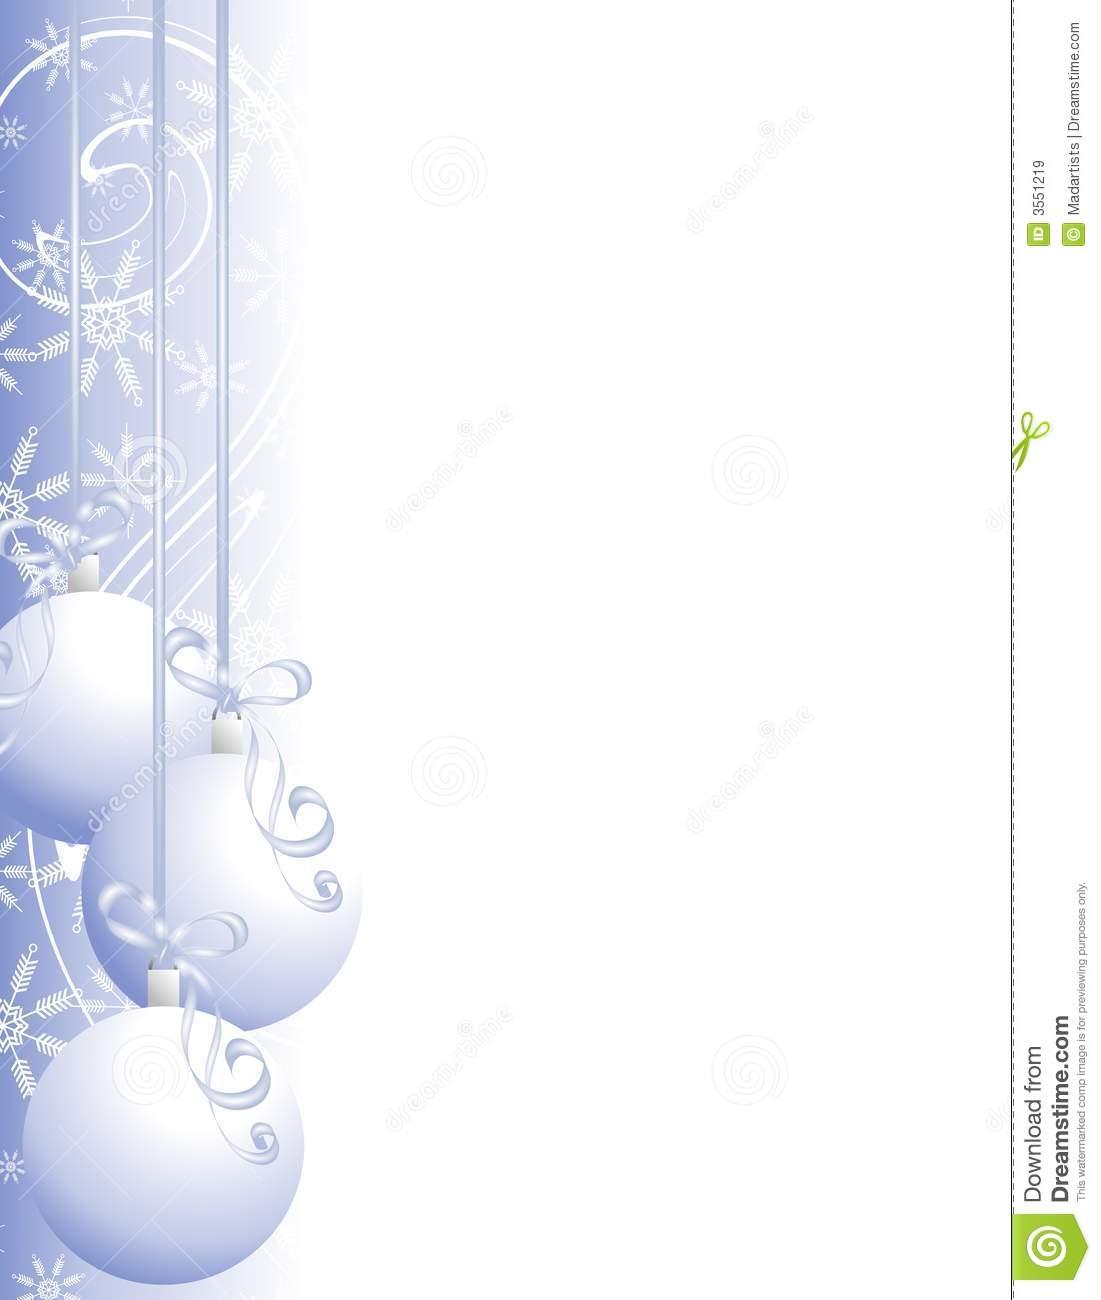 christmas snowflakes border - photo #21